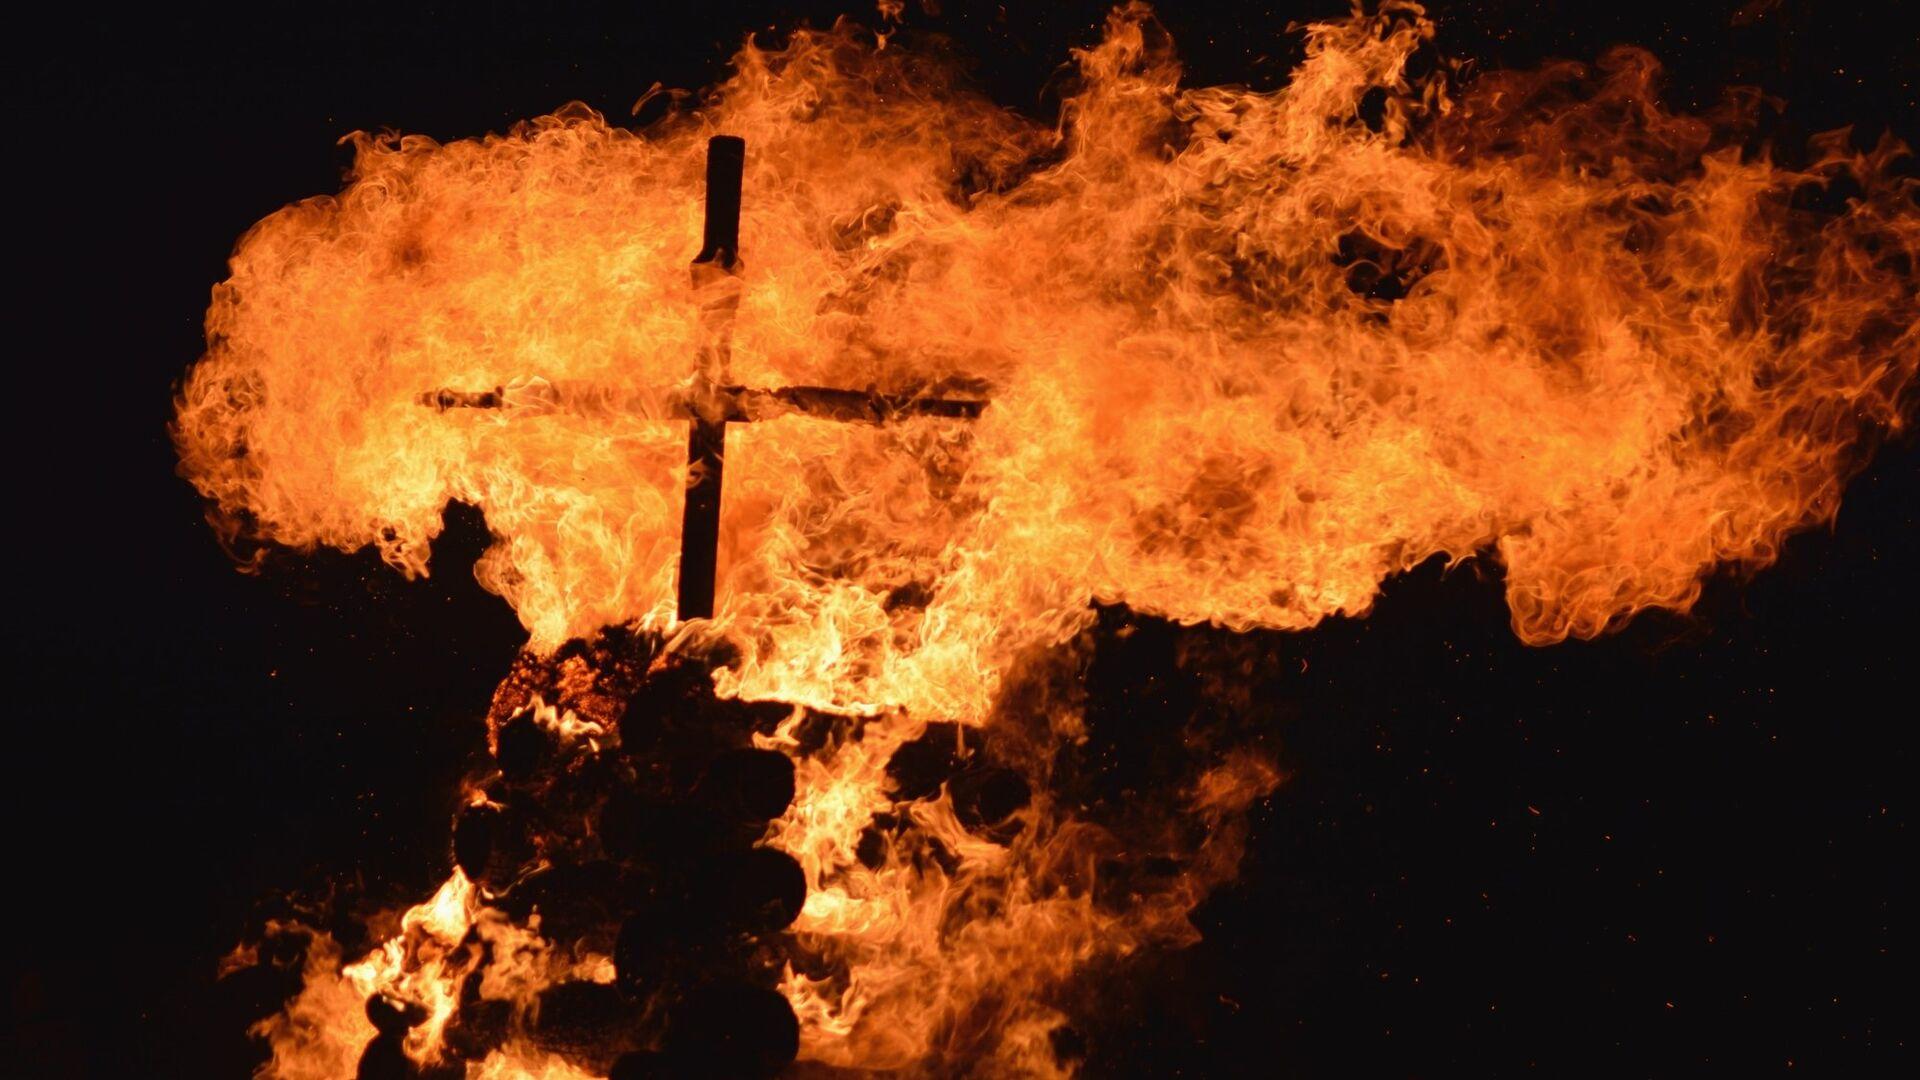 Крест в огне - РИА Новости, 1920, 08.09.2020